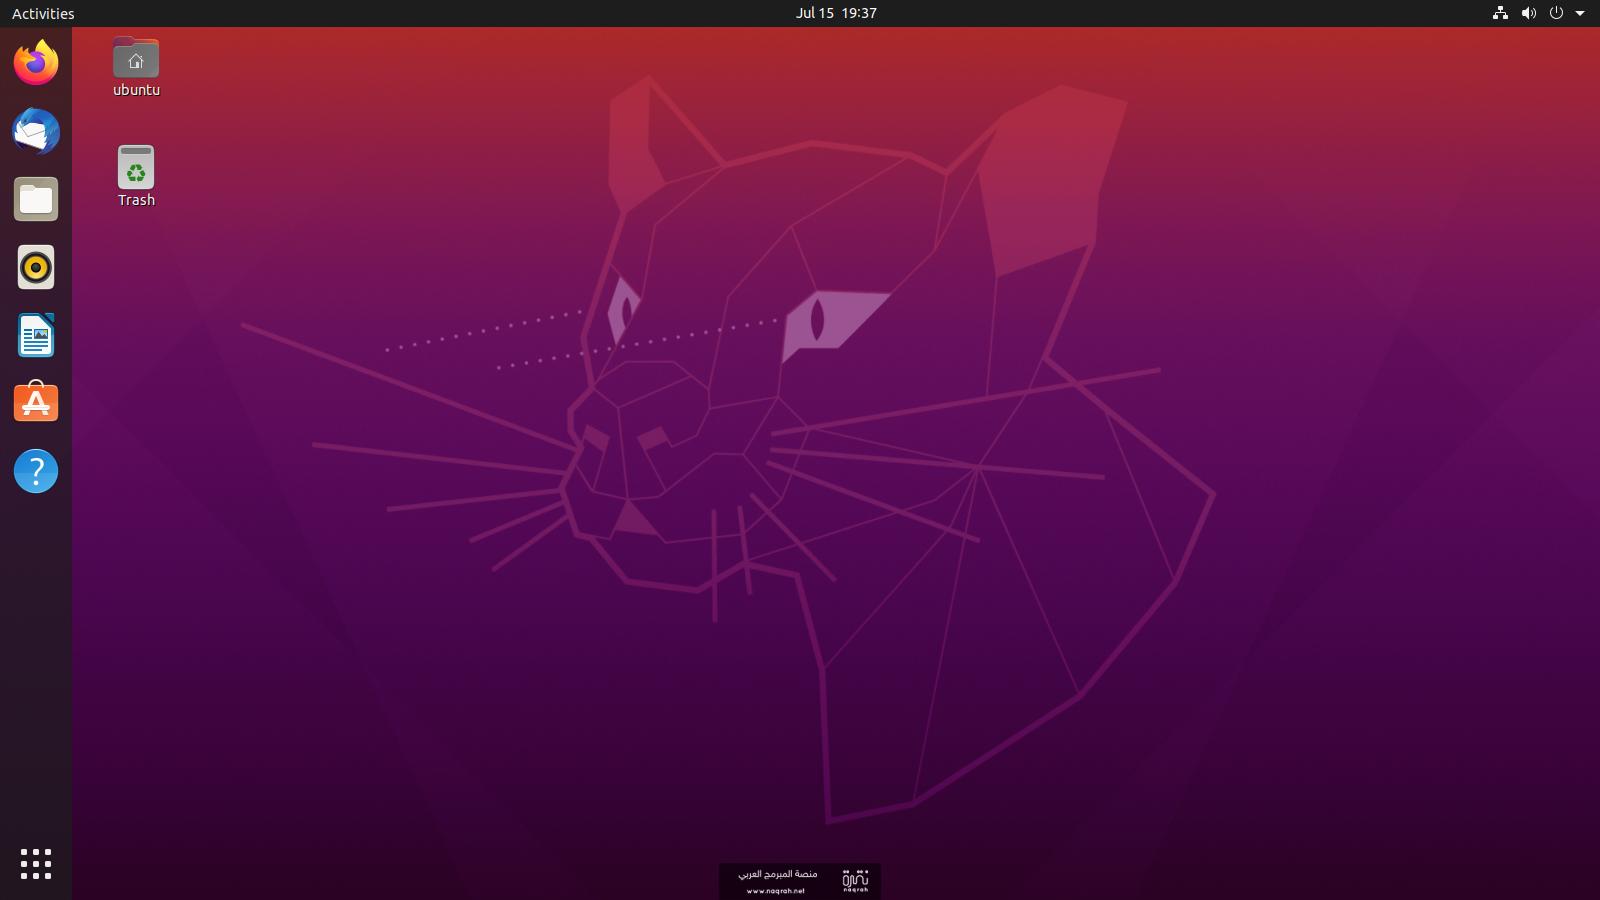 أفضل برامج تصميم الغرافيك ل Linux , تعرف عليها